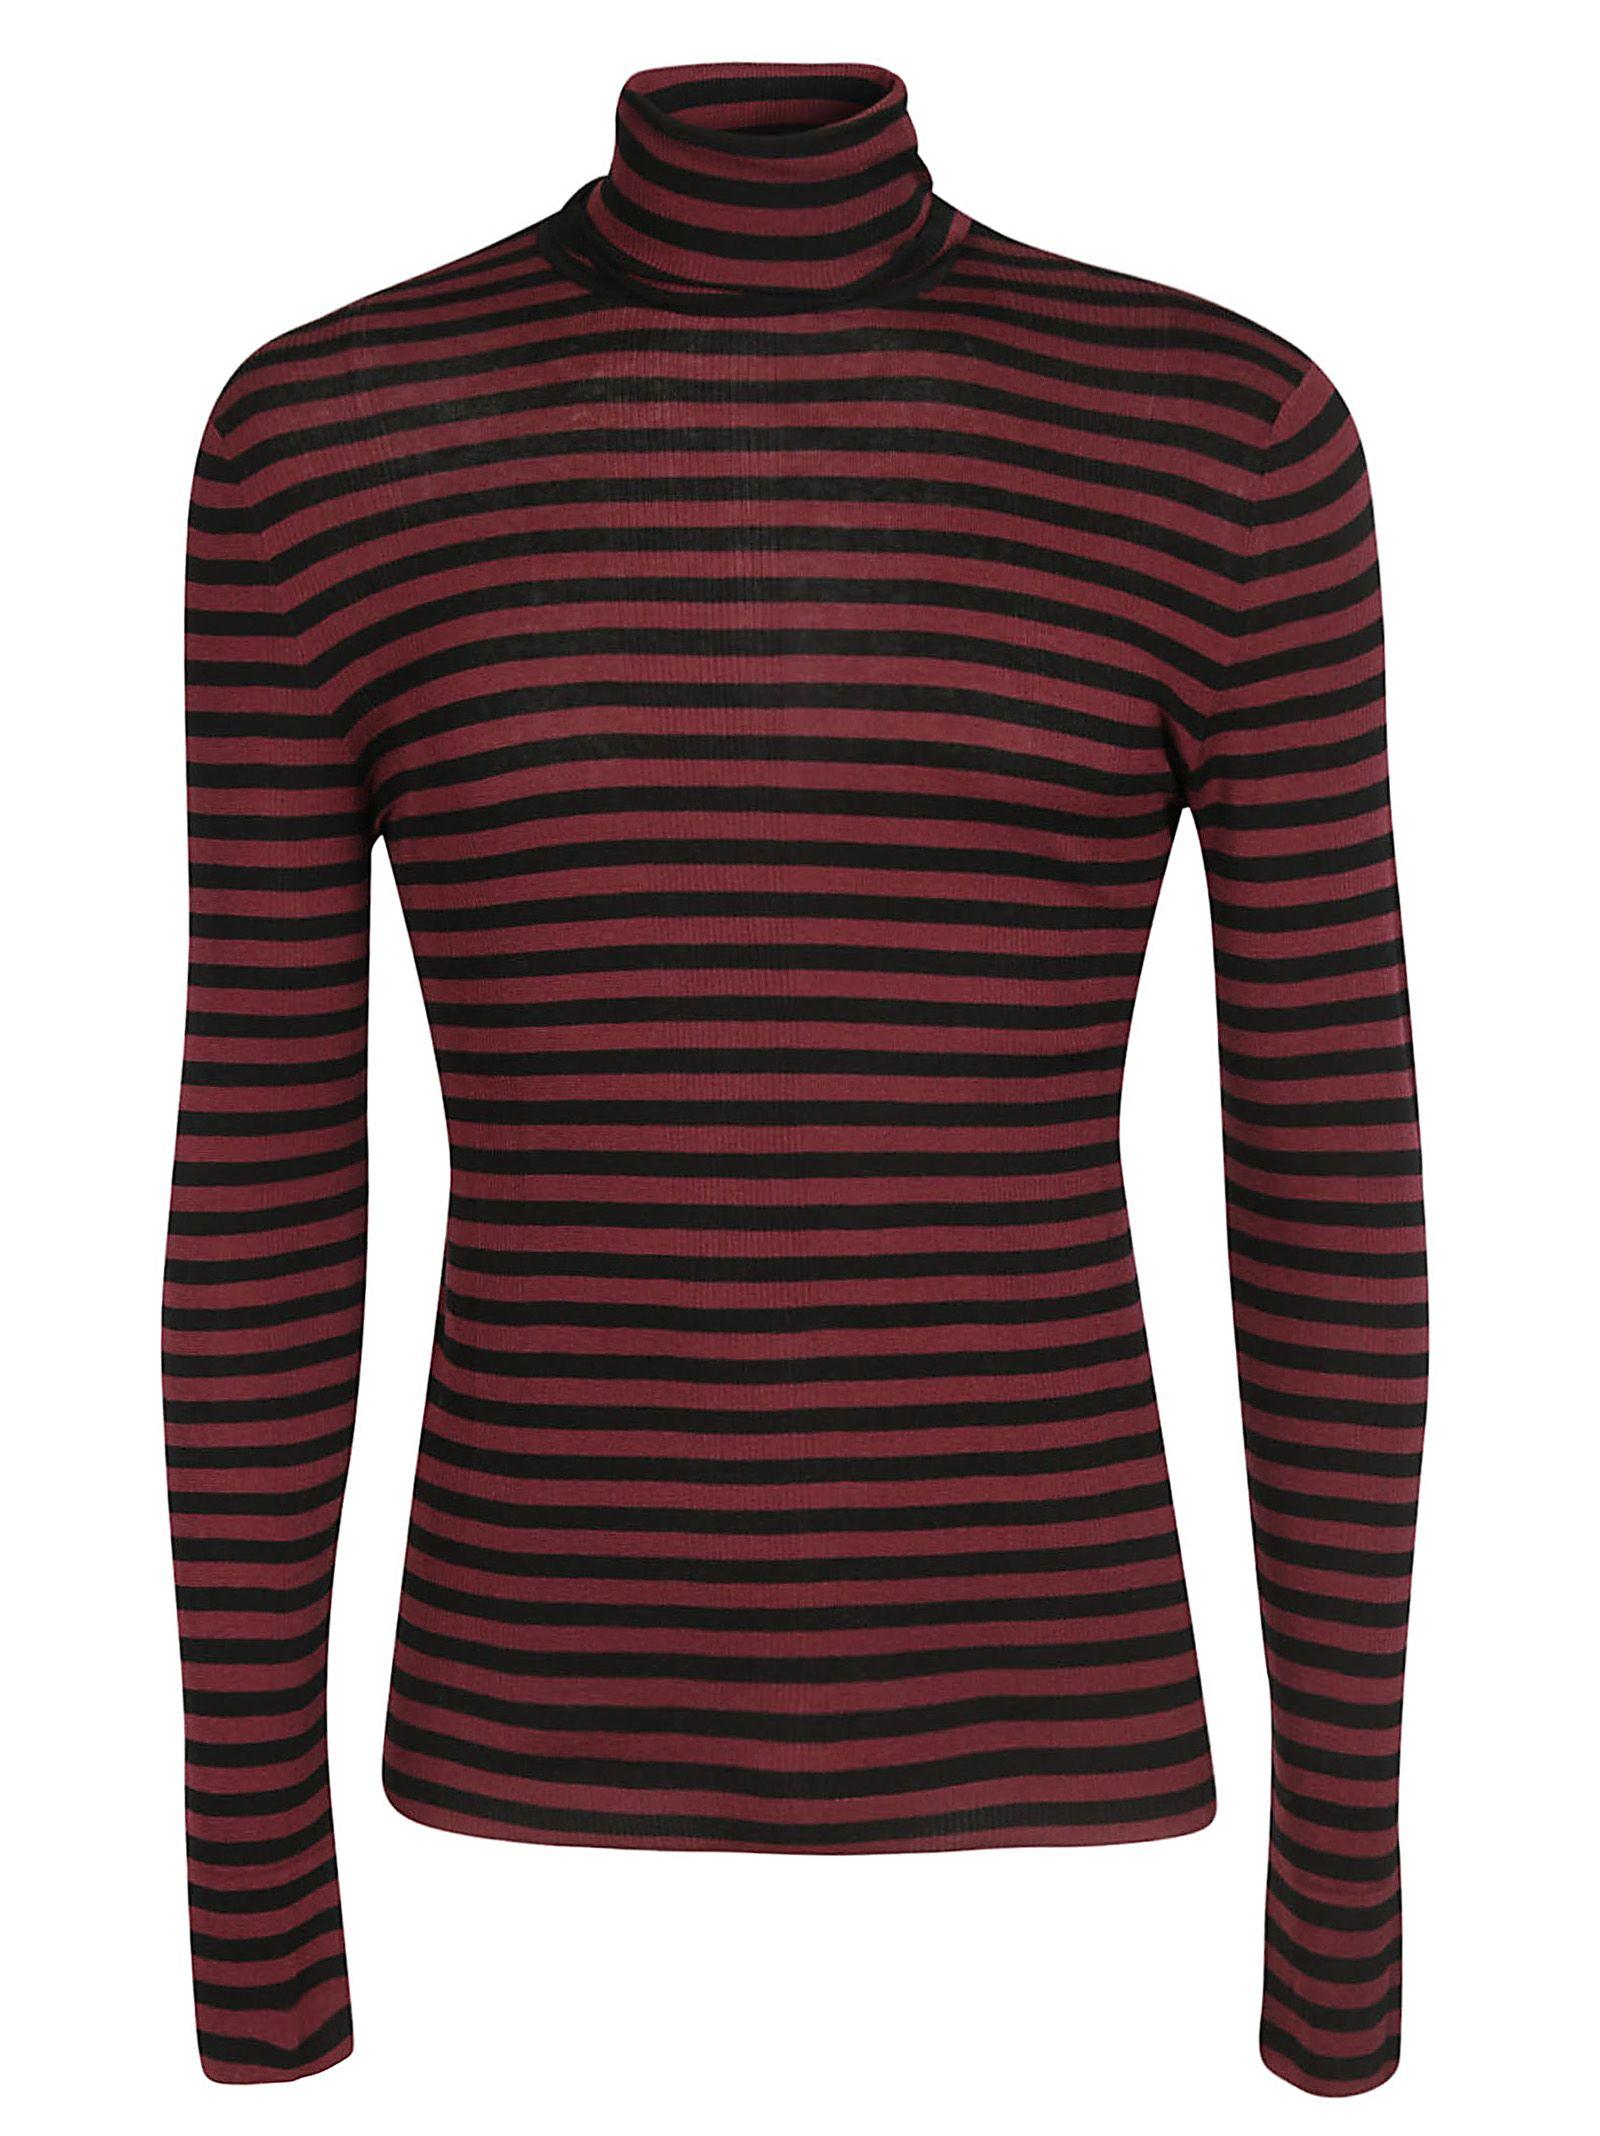 Saint Laurent Striped Sweater In Noir Bordeaux  8e7d4d752